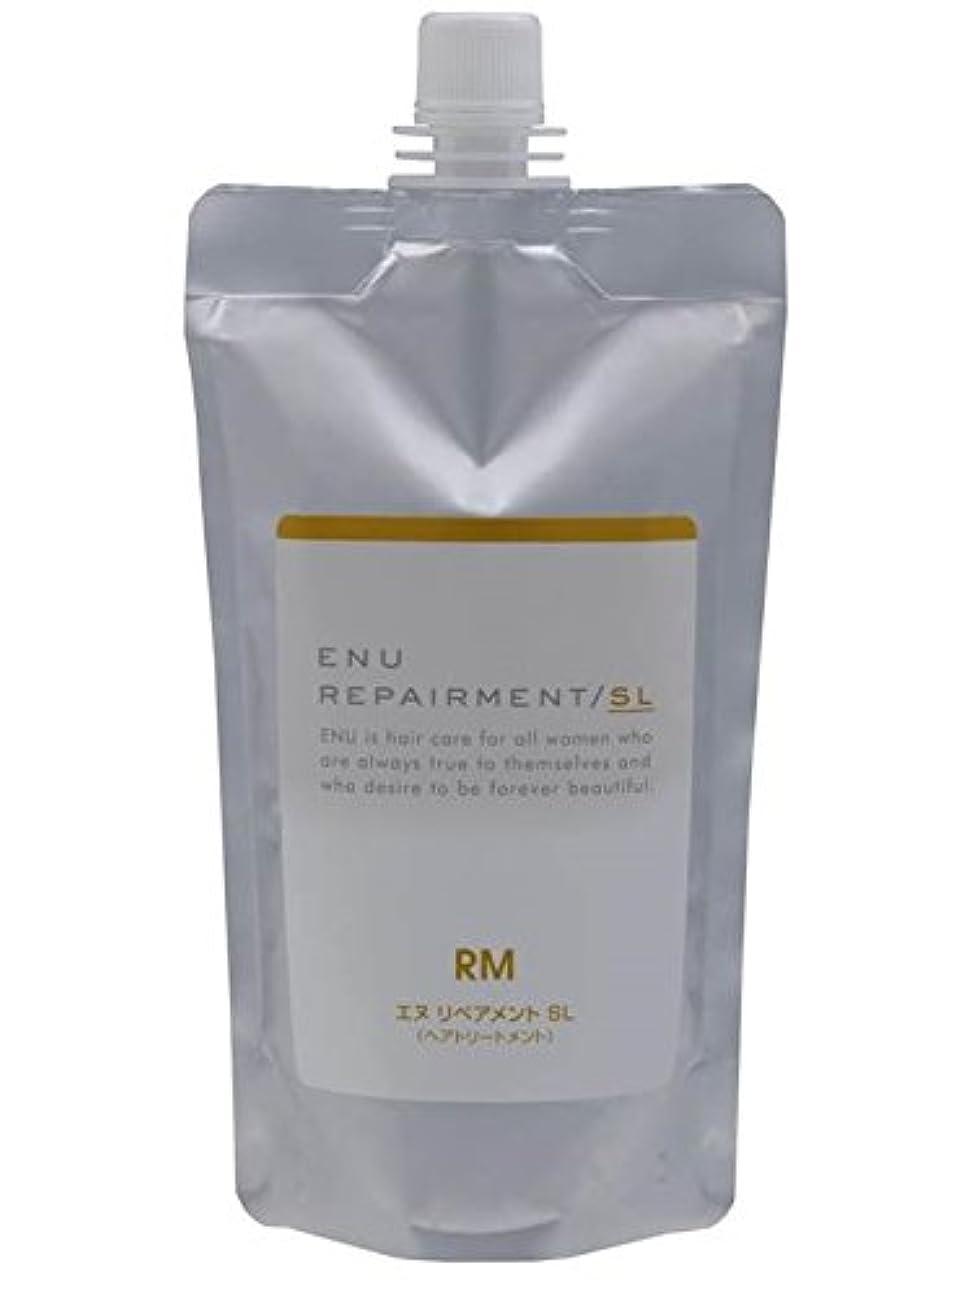 ペナルティ冗長下品中野製薬  ENU エヌ リペアメント SL レフィル 400g